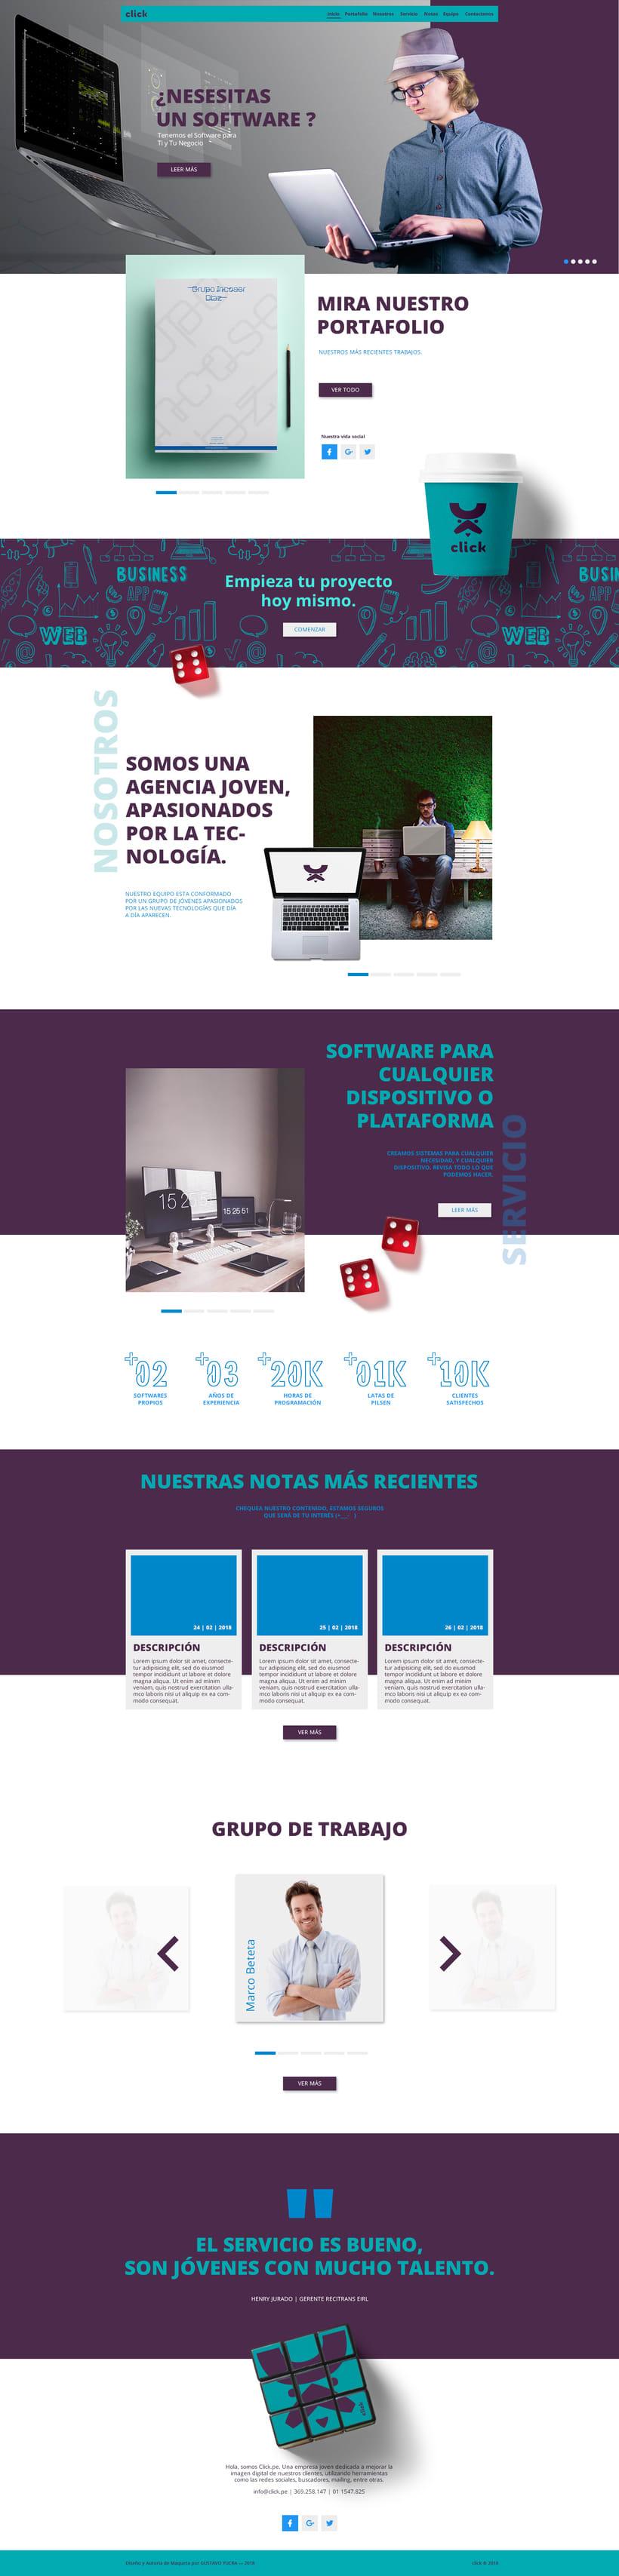 Diseño Web | Maqueta | Click | Avance  -1